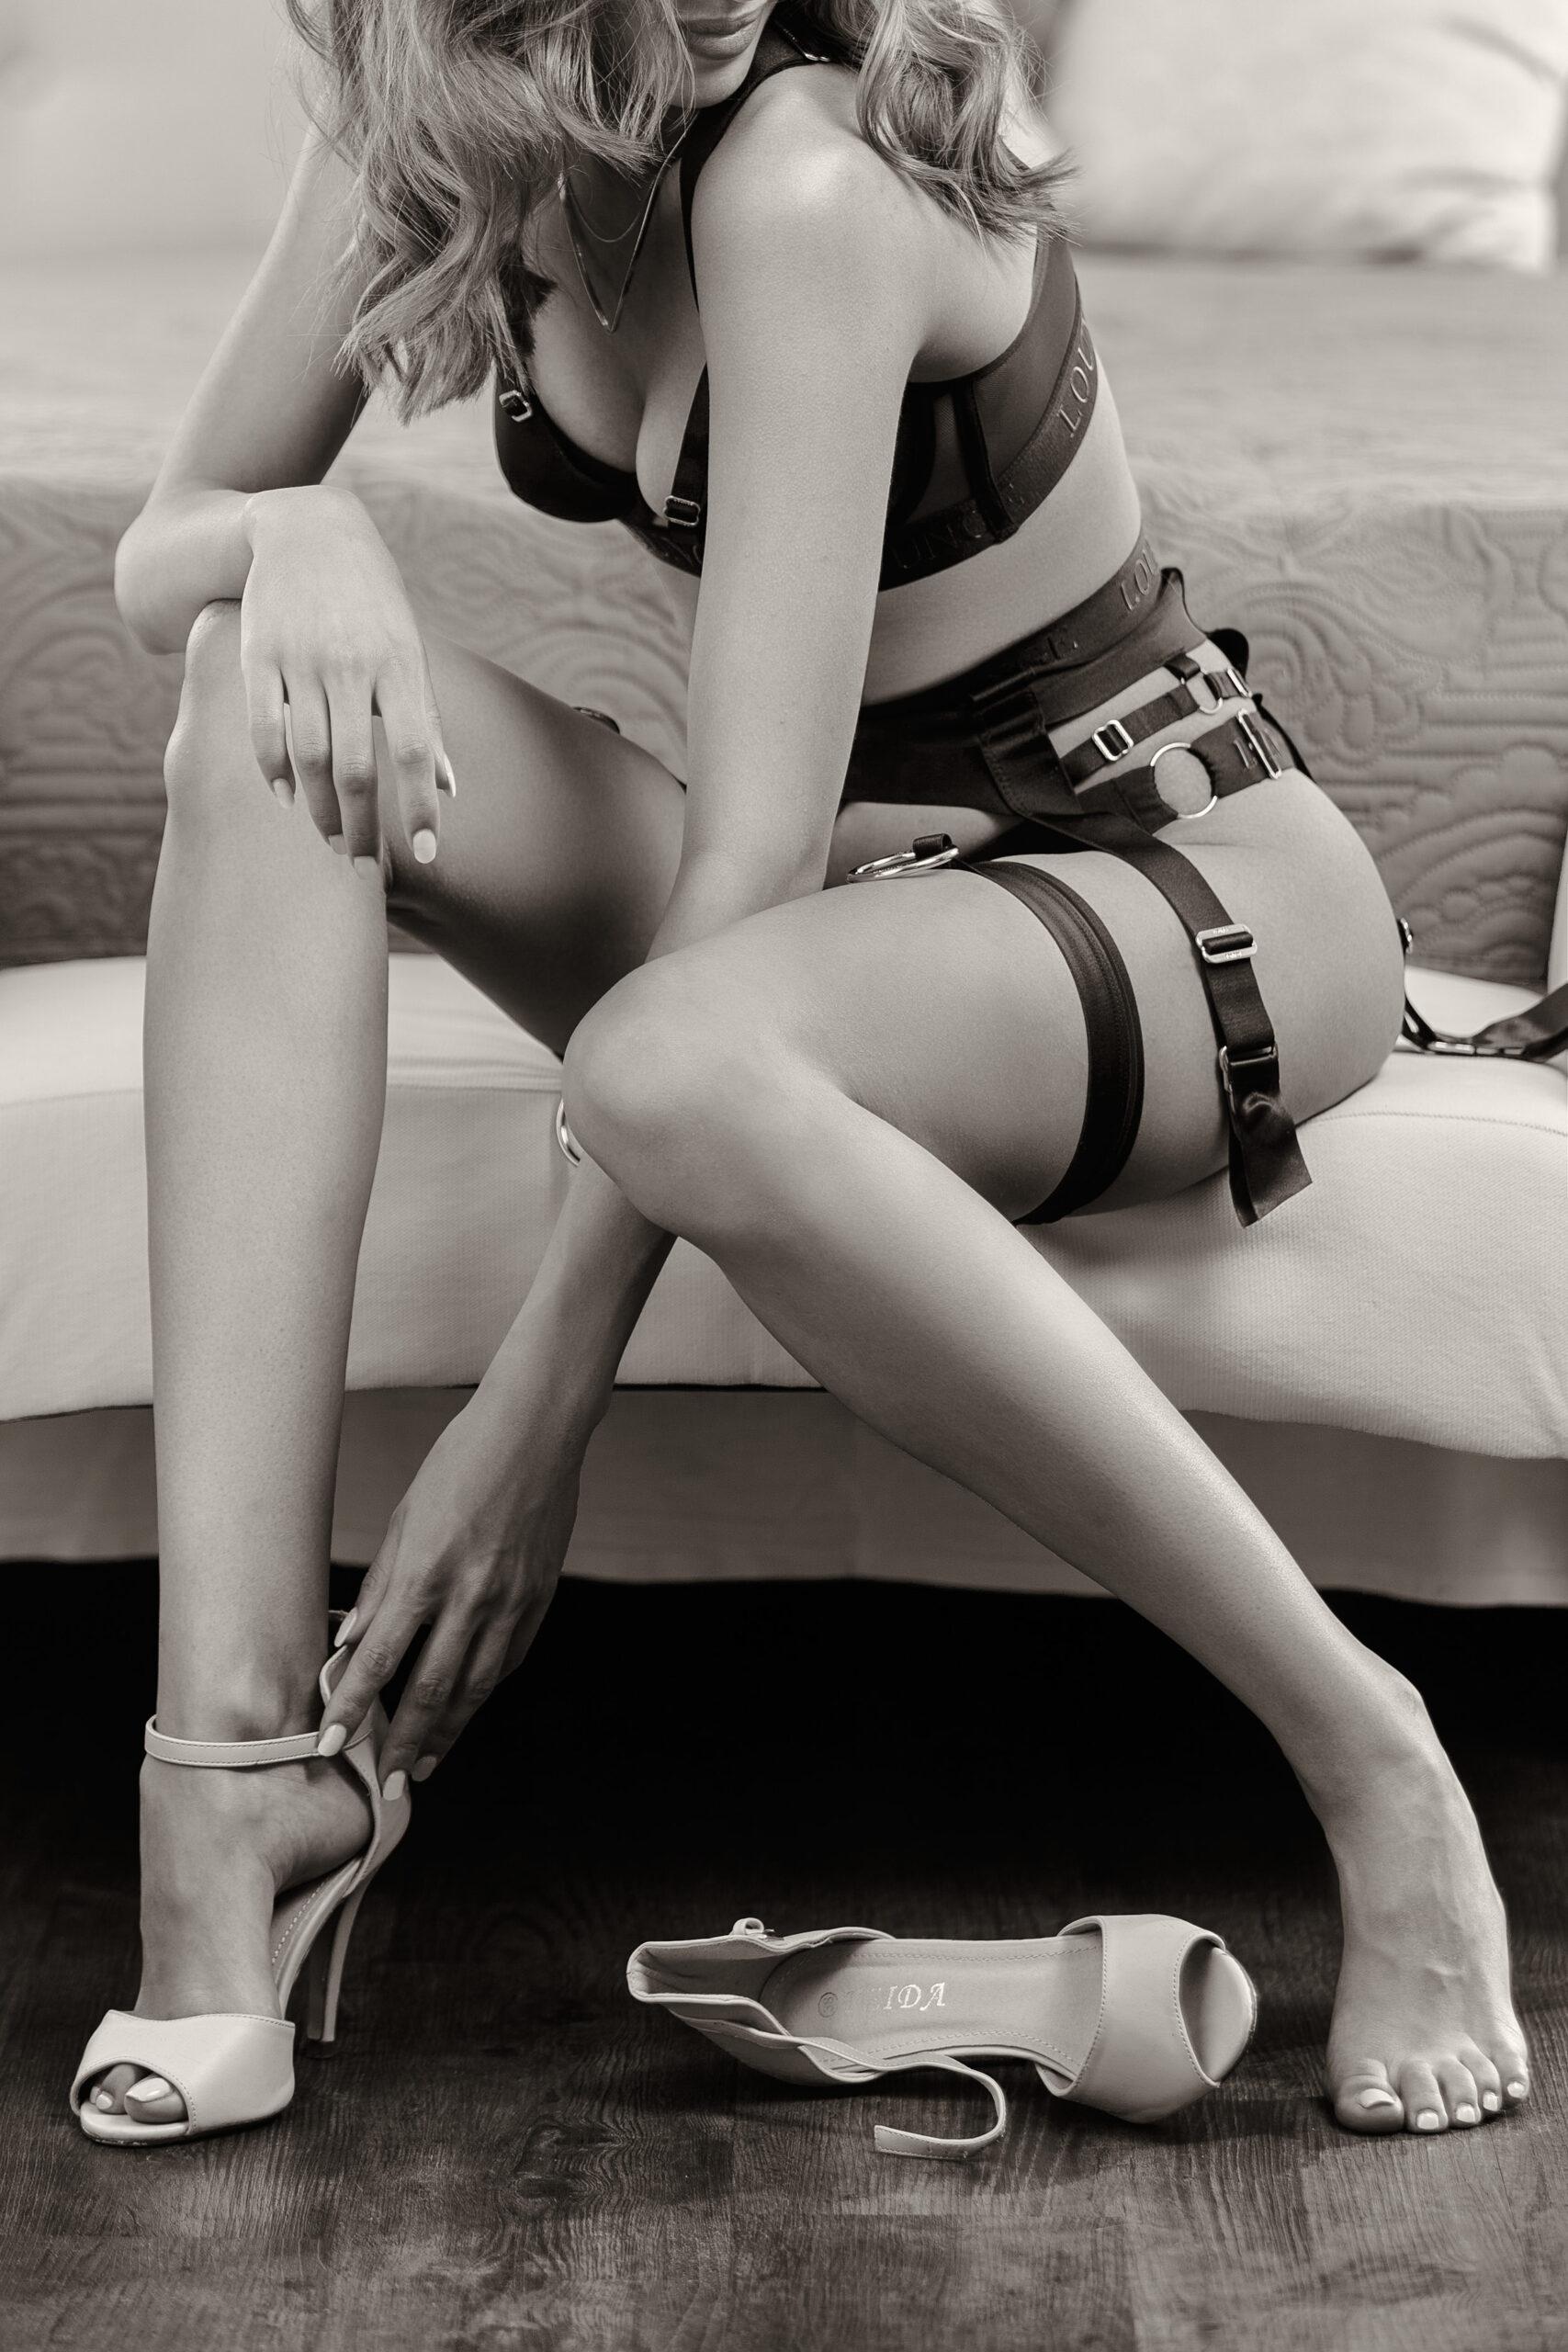 Boudoir-Fotoshooting einer rothaarigen Frau mit vollen Lippen die vor einem Bett auf einer Bank sitzt und ihre rosanen High Heels Schuhe anzieht.